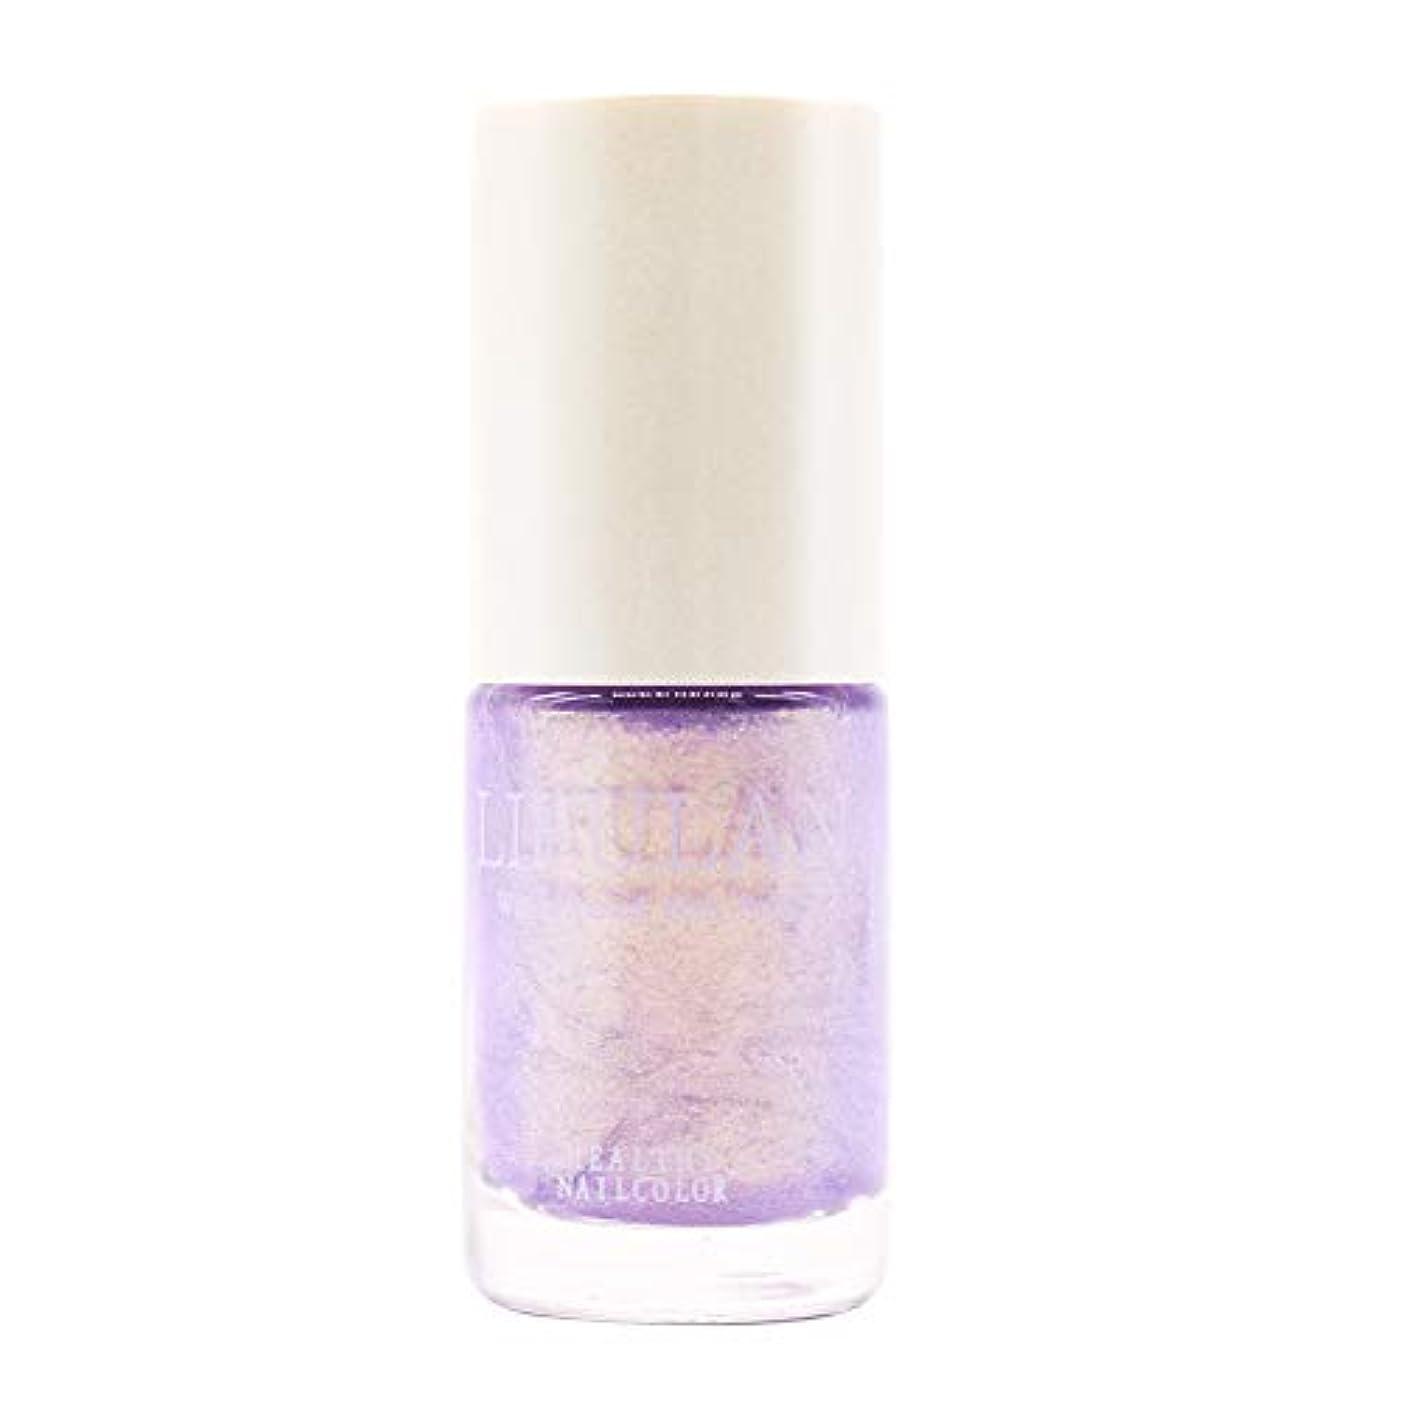 研磨剤化粧公平な幸運な太陽 マニキュア ネイルカラー ジェルネイル ポリッシュ ネイルアート ポリッシュ UV LED ジェル 水性シェル ネイルポリッシュ トップコート 自然乾燥 おしゃれ 新作